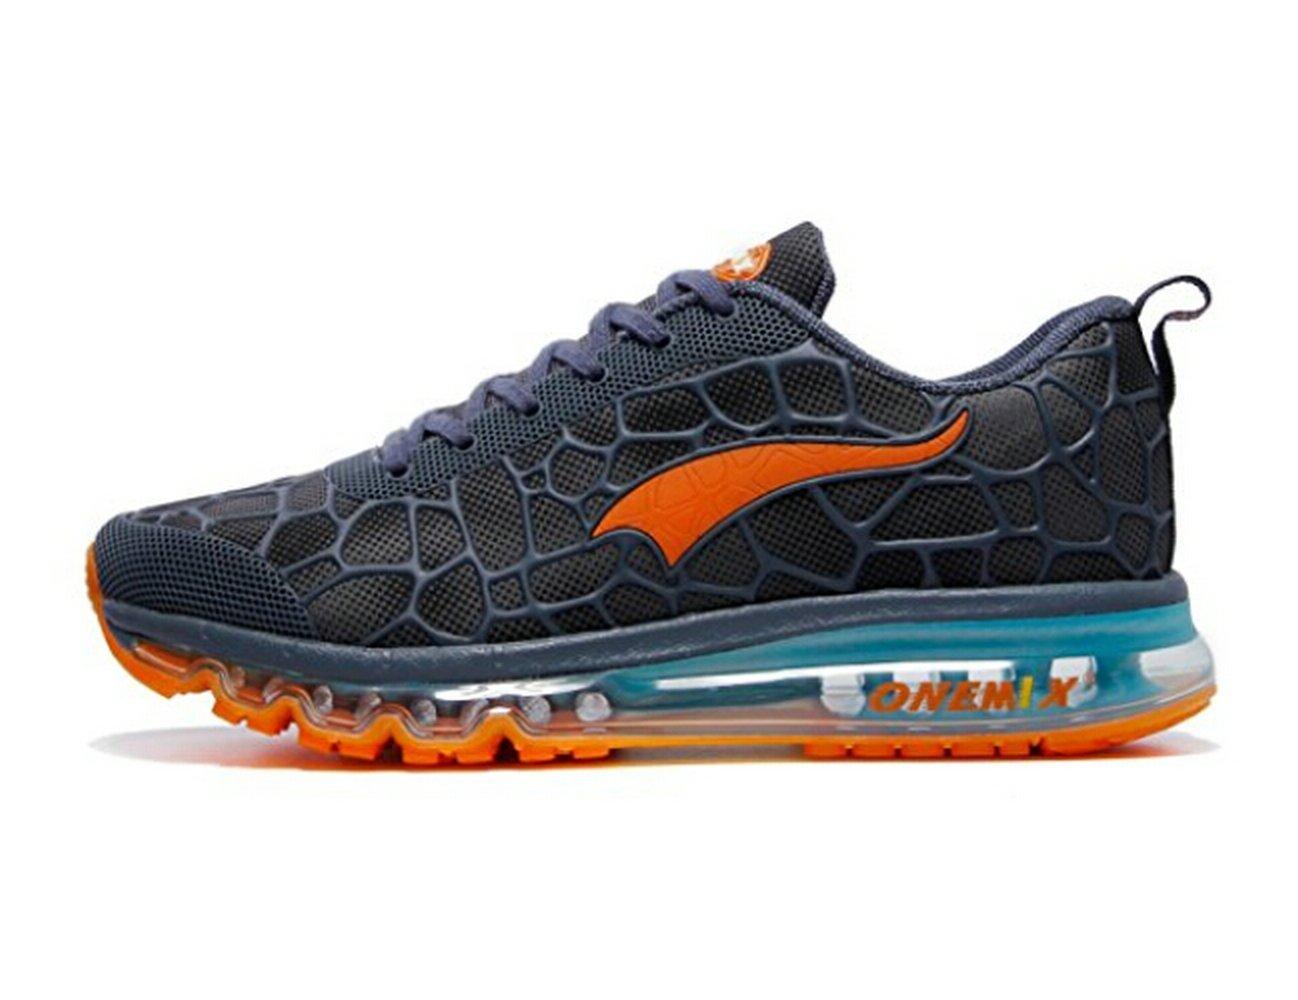 ONEMIX Air Uomo Scarpe da Ginnastica Corsa Sportive Running Sneakers Fitness  Interior Casual all Aperto ed2bdb71ea0